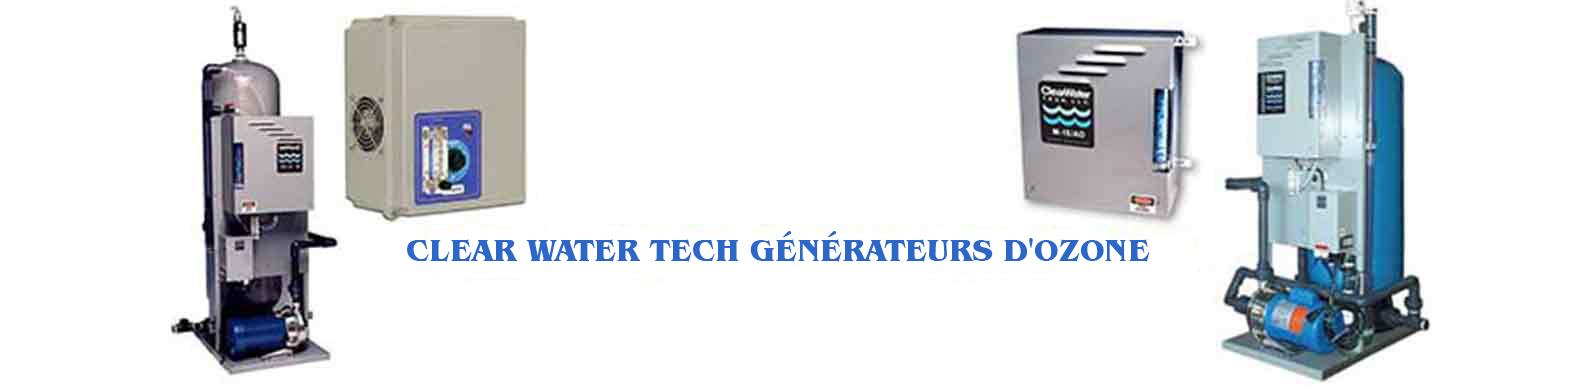 clear-water-tech-generateurs-dozone.jpg